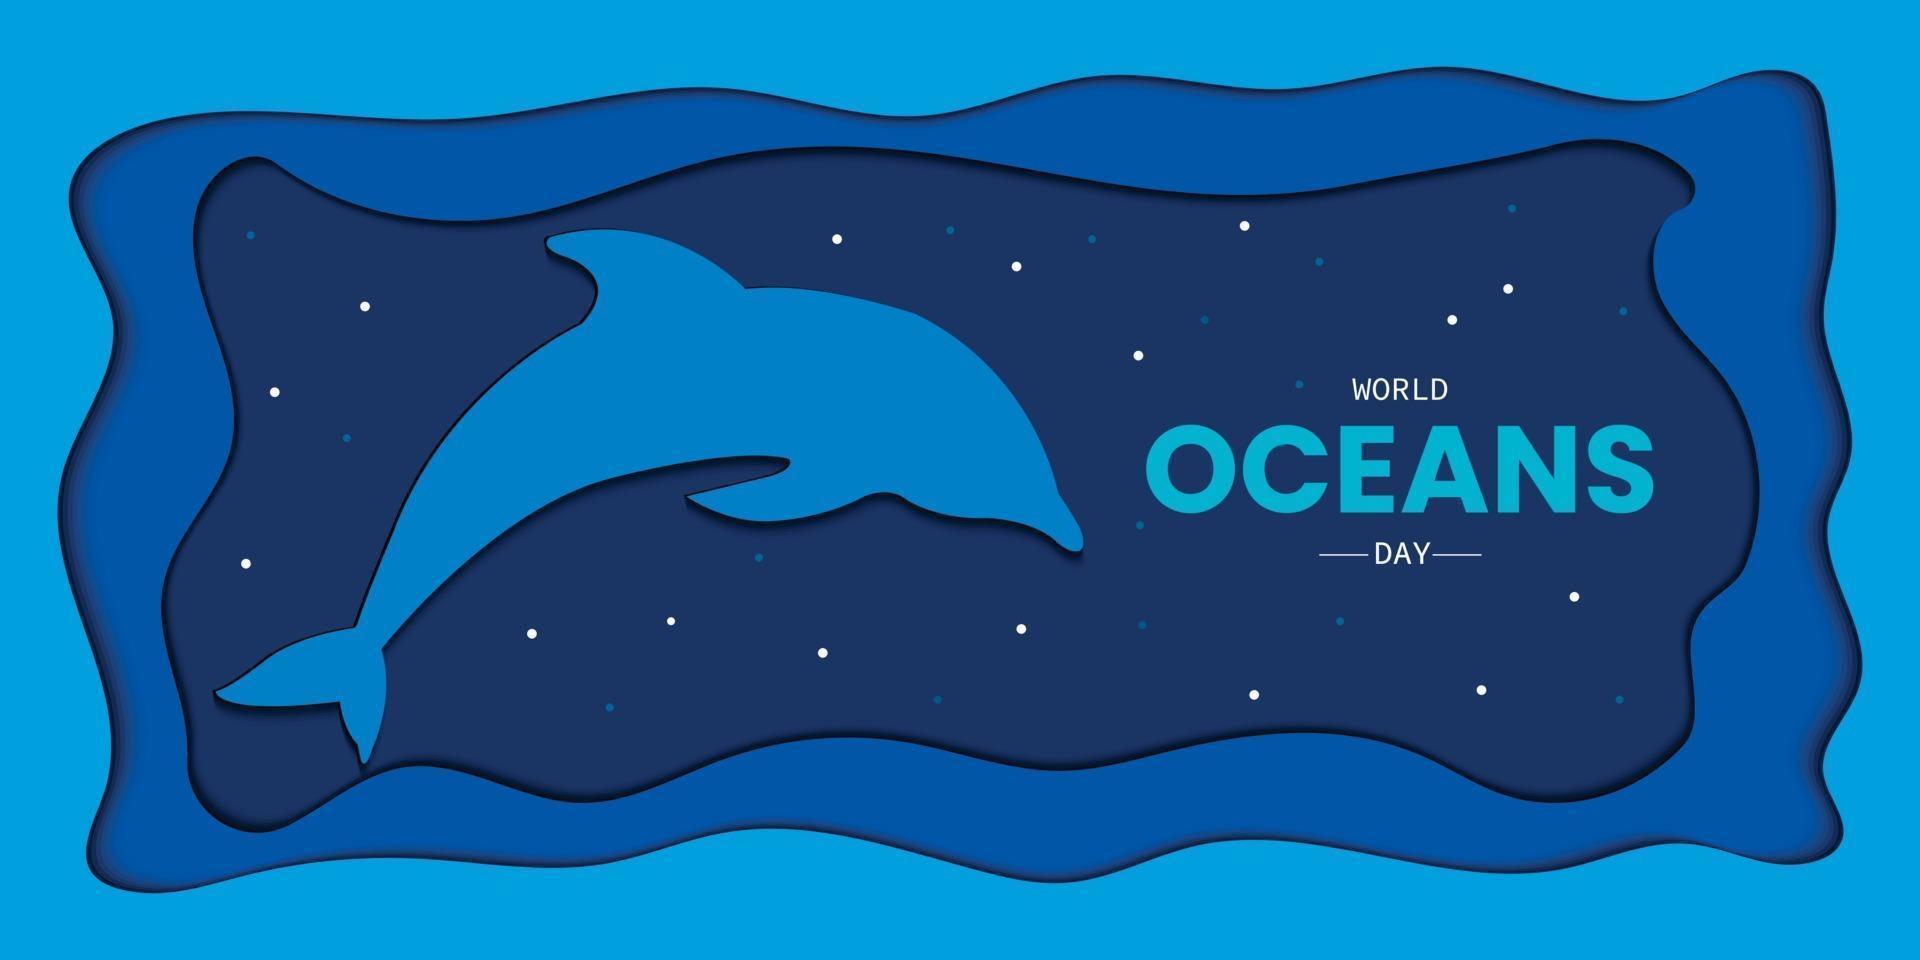 stile papercut della giornata mondiale degli oceani vettore